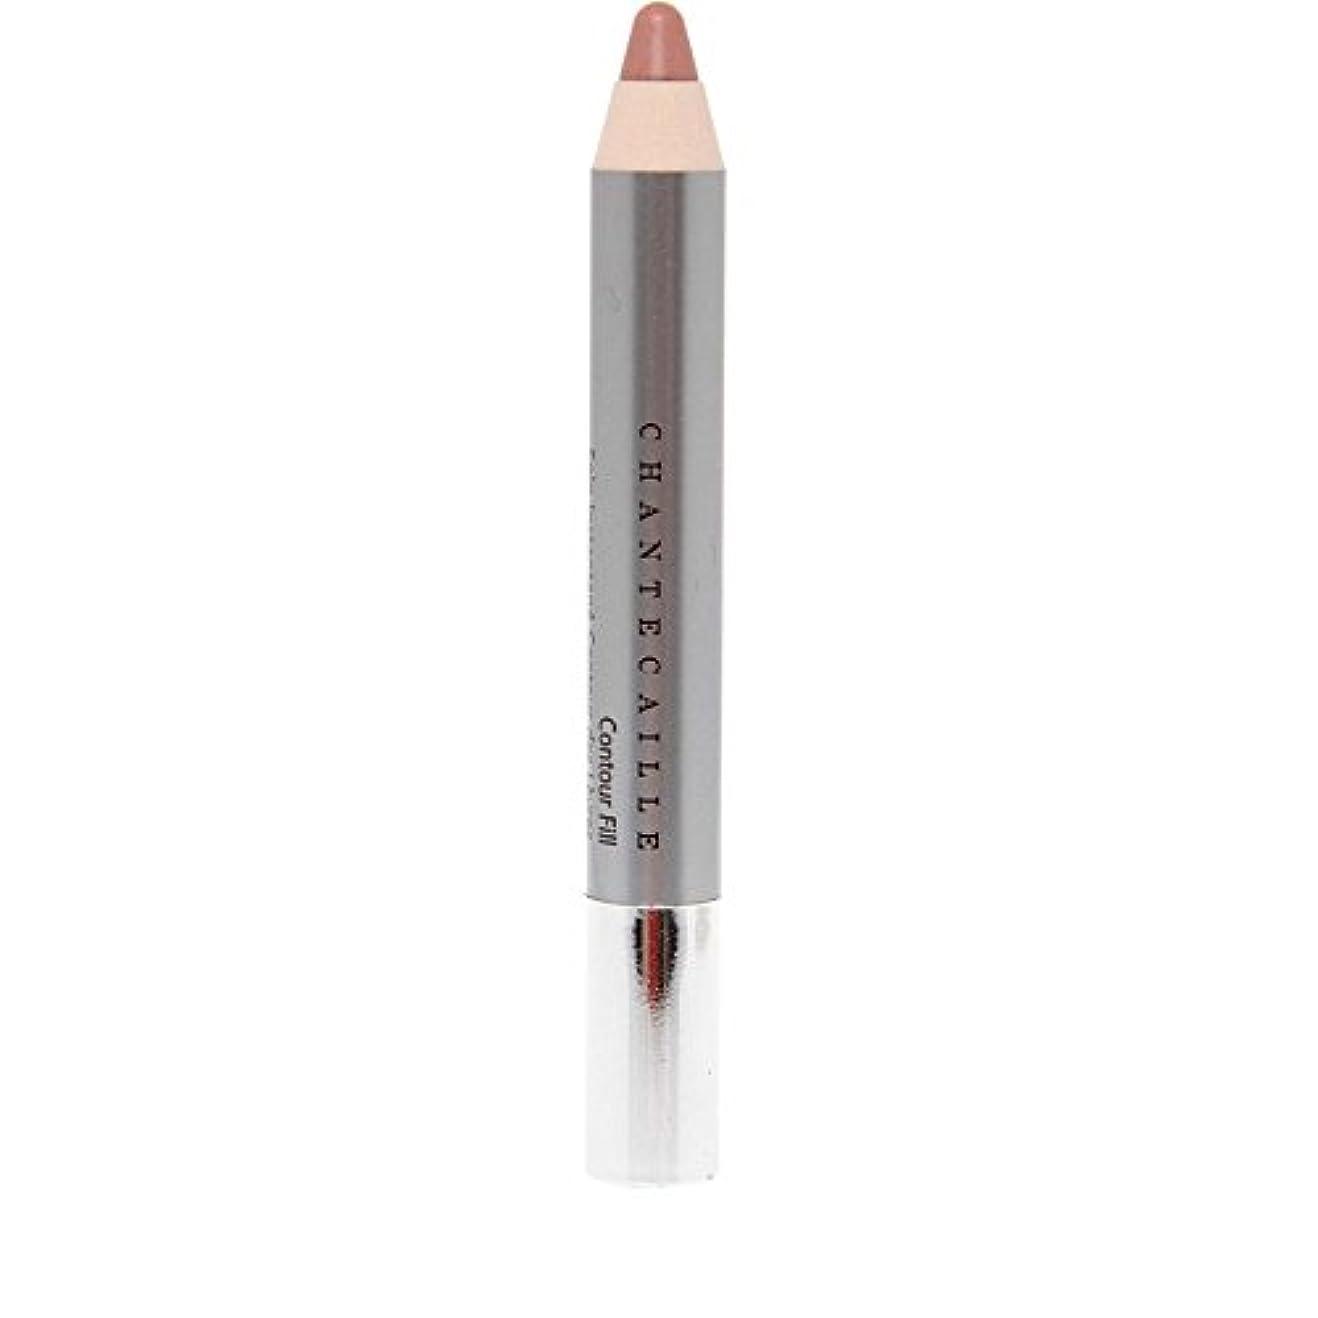 ノーブル定規賃金シャンテカイユリップ輪郭フィル鉛筆 x4 - Chantecaille Lip Contour Fill Pencil (Pack of 4) [並行輸入品]